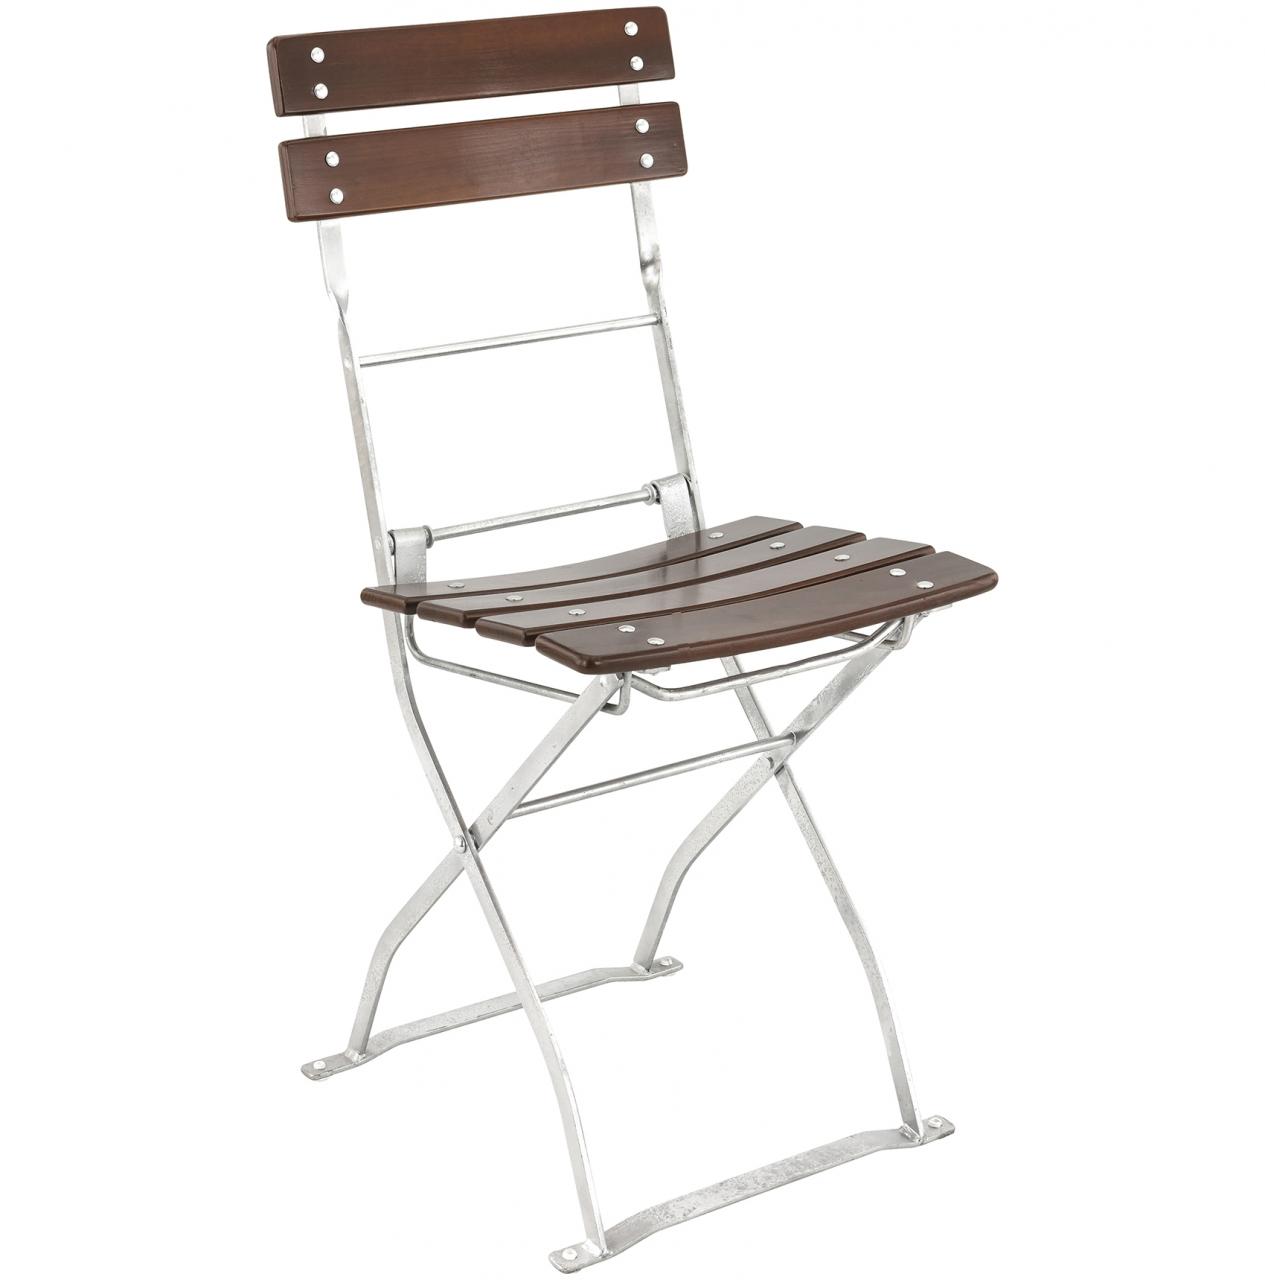 mobilier coulomb chaise de terrasse pliante markus mobilier terrasse de bar restaurant chr. Black Bedroom Furniture Sets. Home Design Ideas